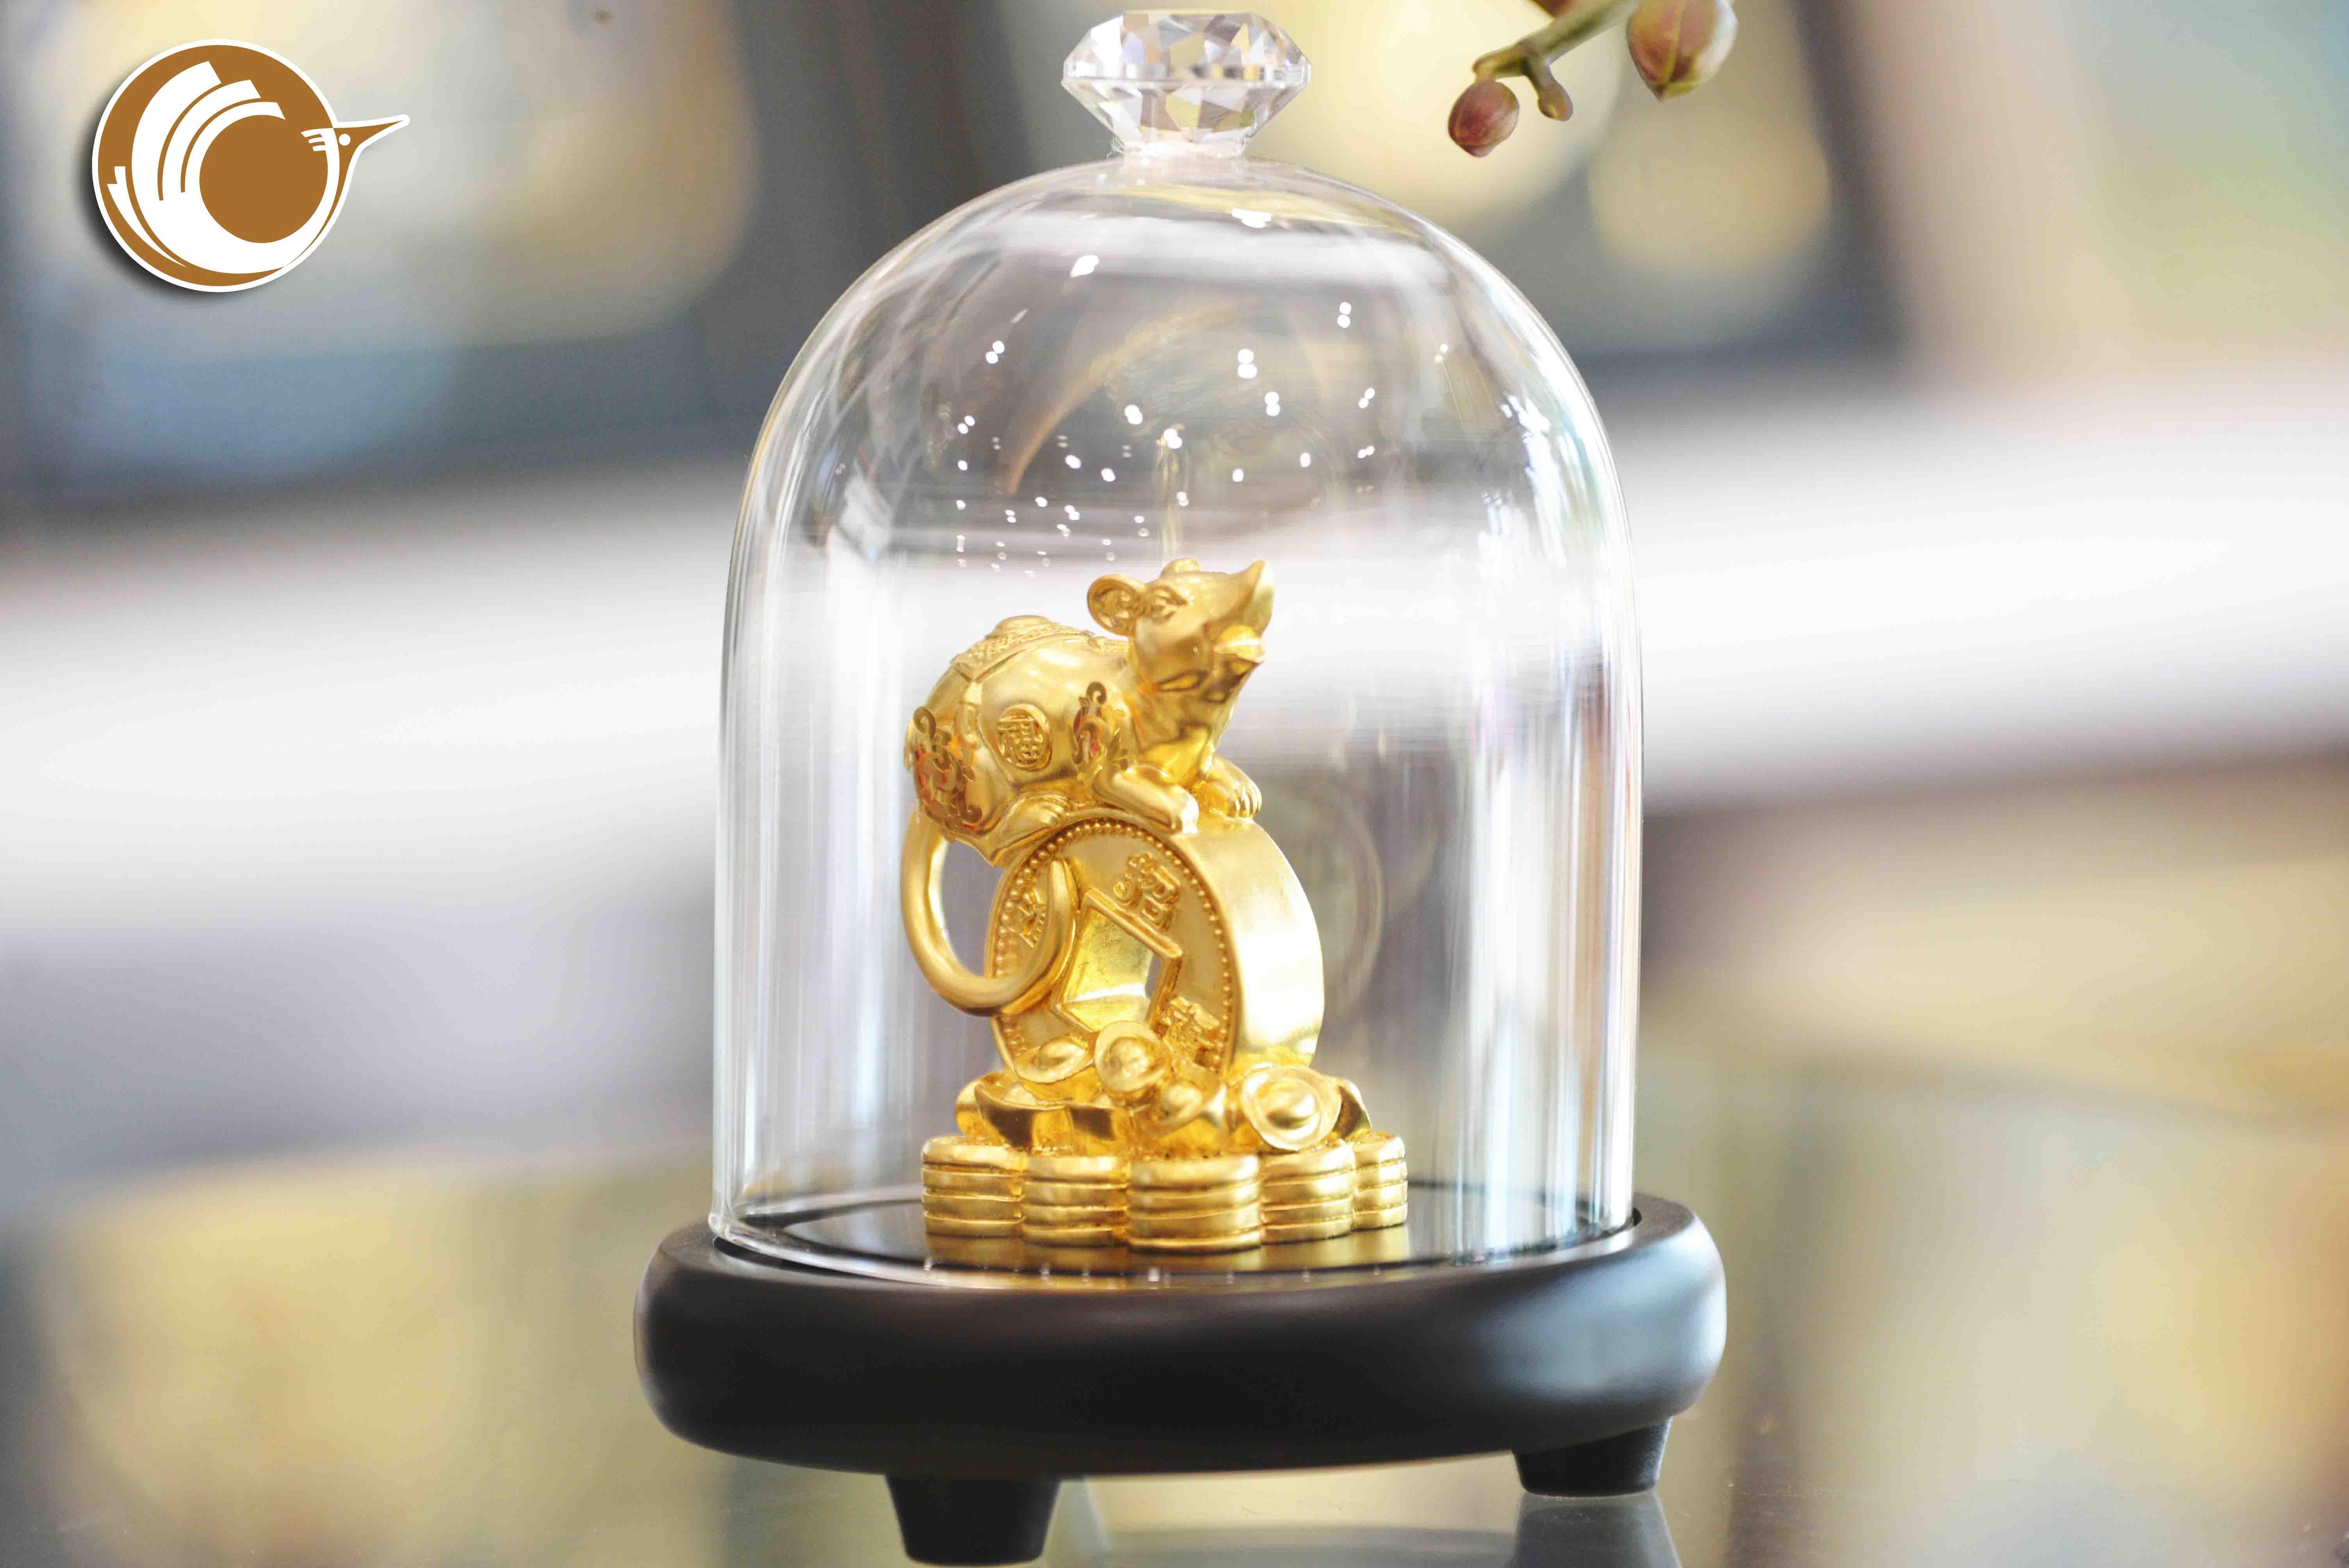 Giá bán tượng chuột bằng đồng mạ vàng, linh vật phong thủy chuột đồng